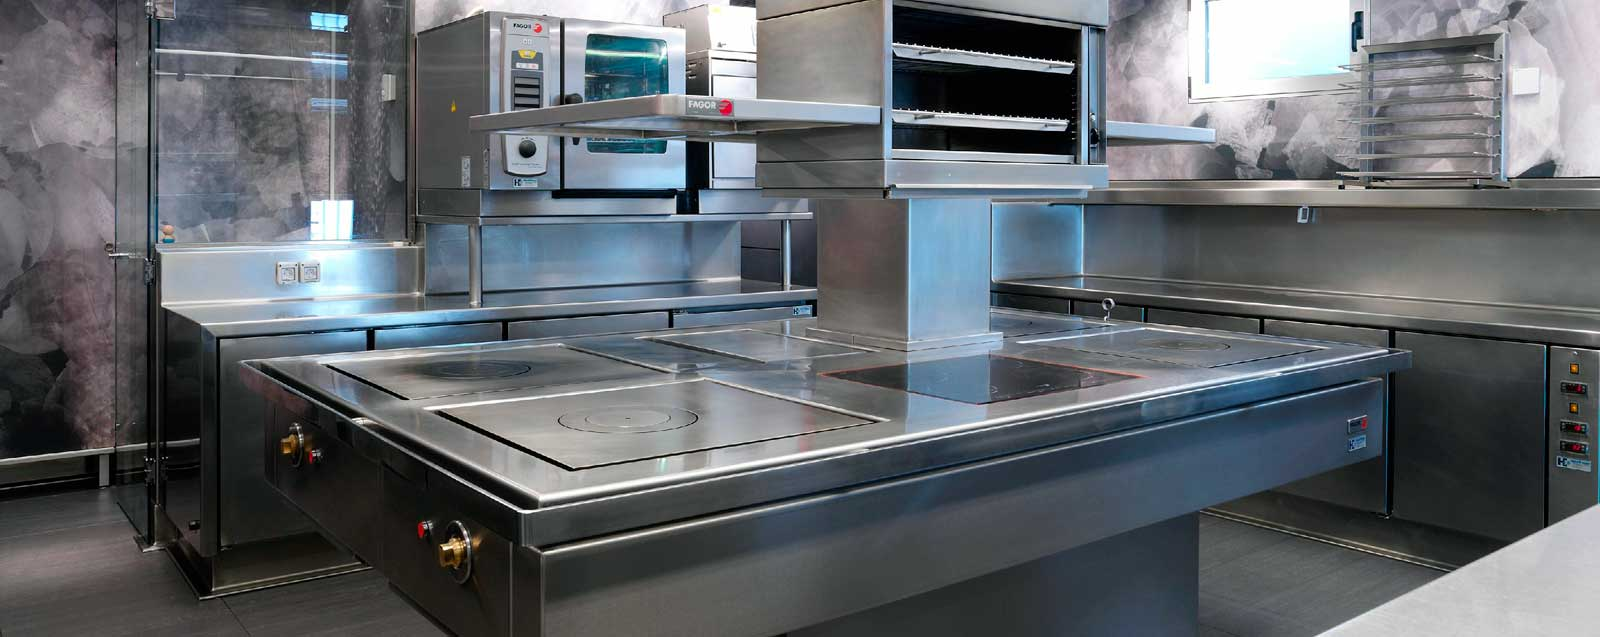 Hosfrinor hosteler a gipuzkoa equipamiento bares rest fr o for Cocinas hosteleria